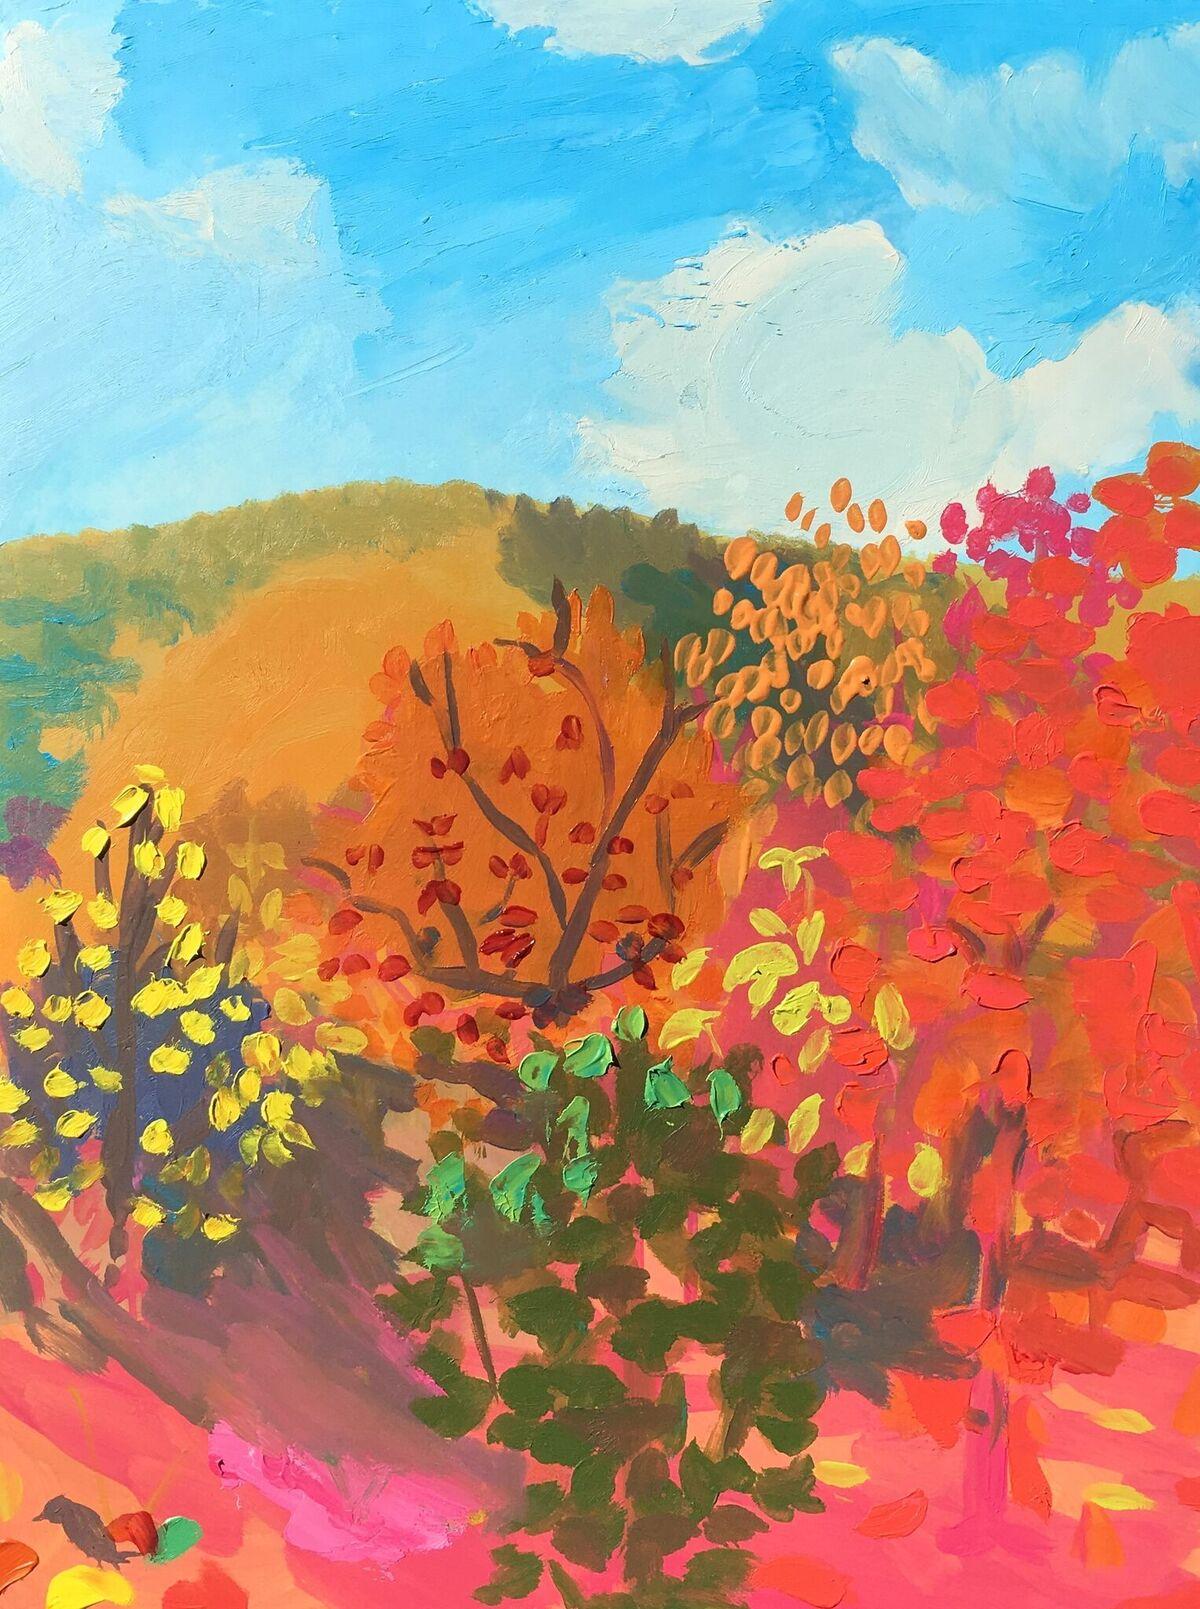 Daniel Heidkamp, Upstate Autumn, 2017. Courtesy of the artist.